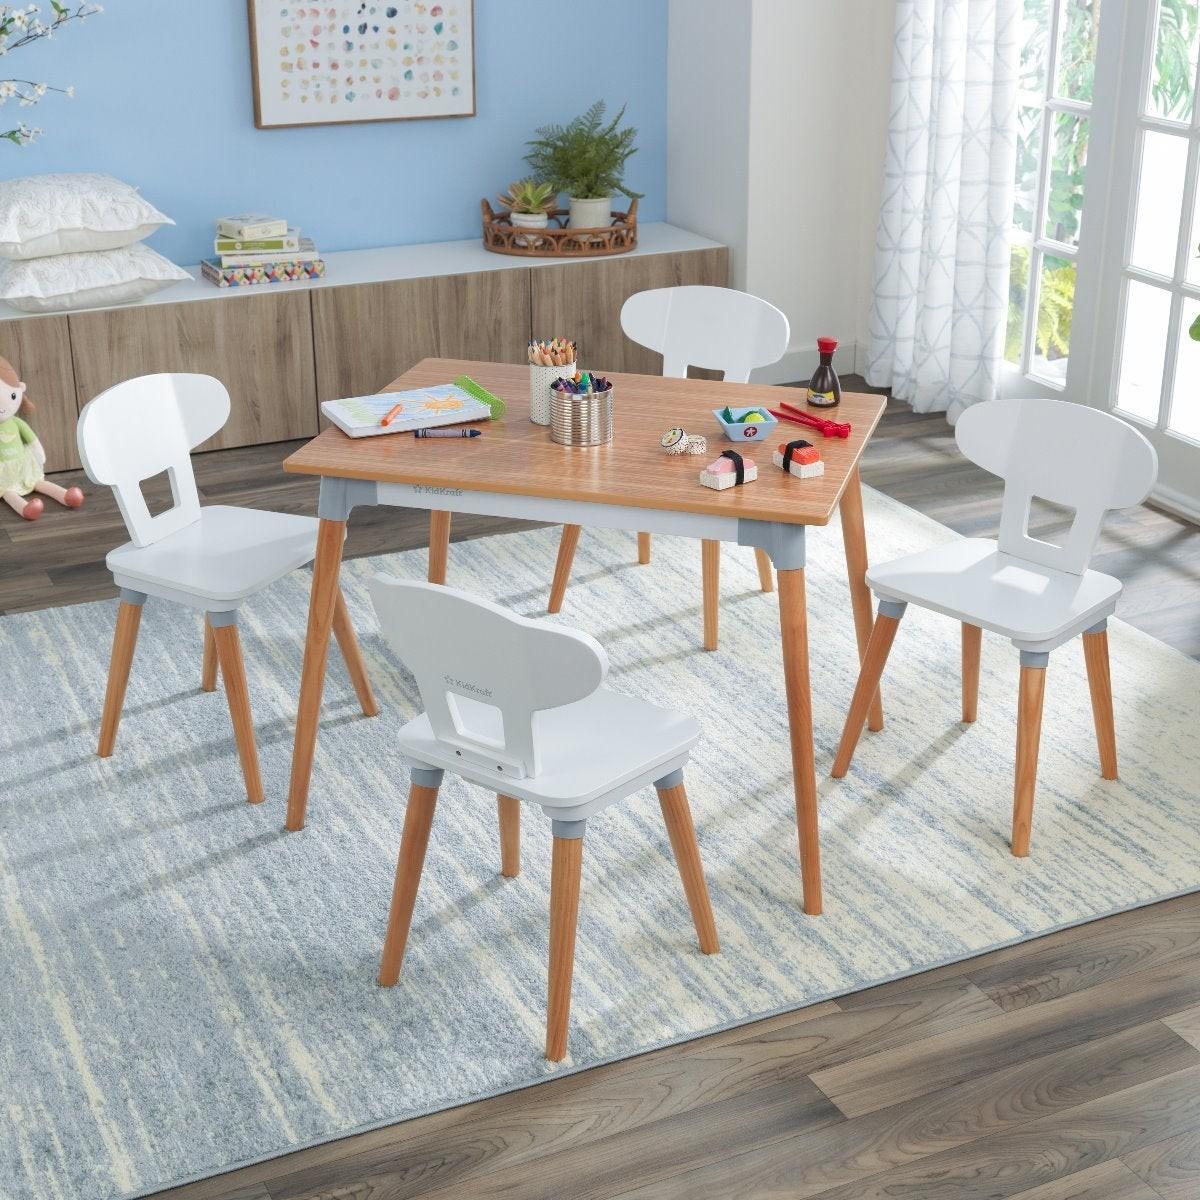 Ensemble table et 6 chaises pour enfant bois et blanc - Decome Store